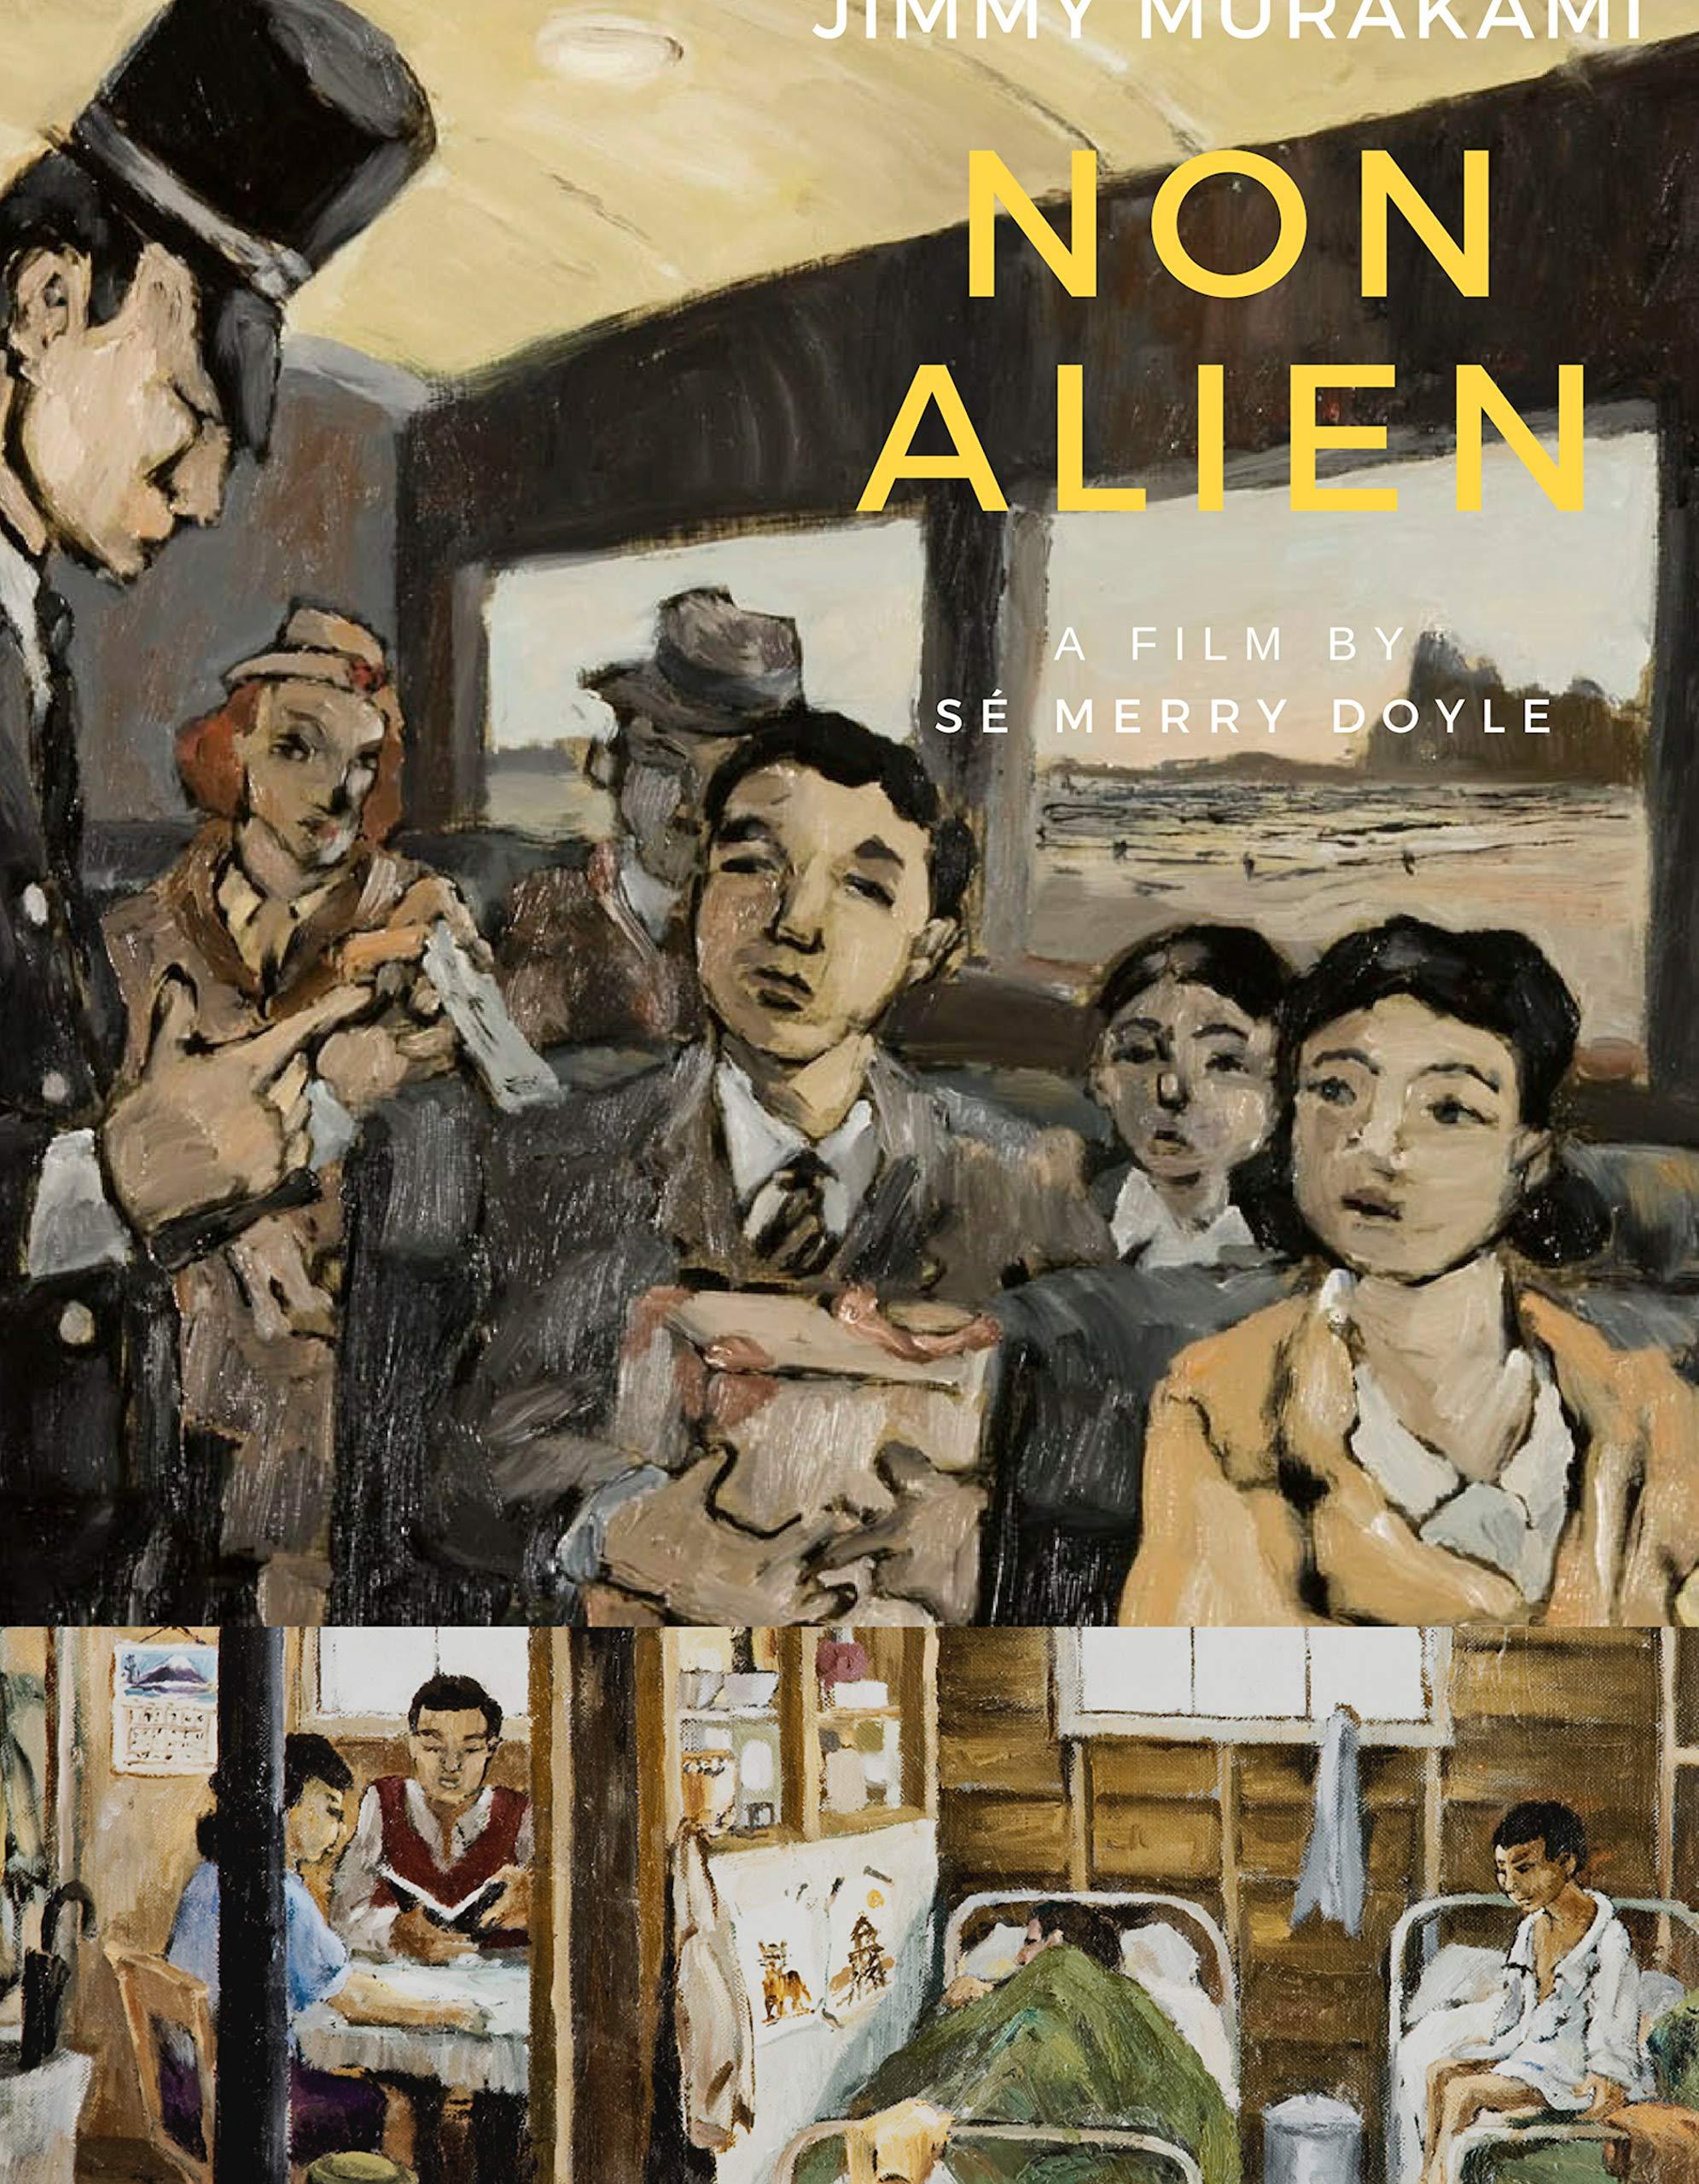 Jimmy Murakami - Non Alien